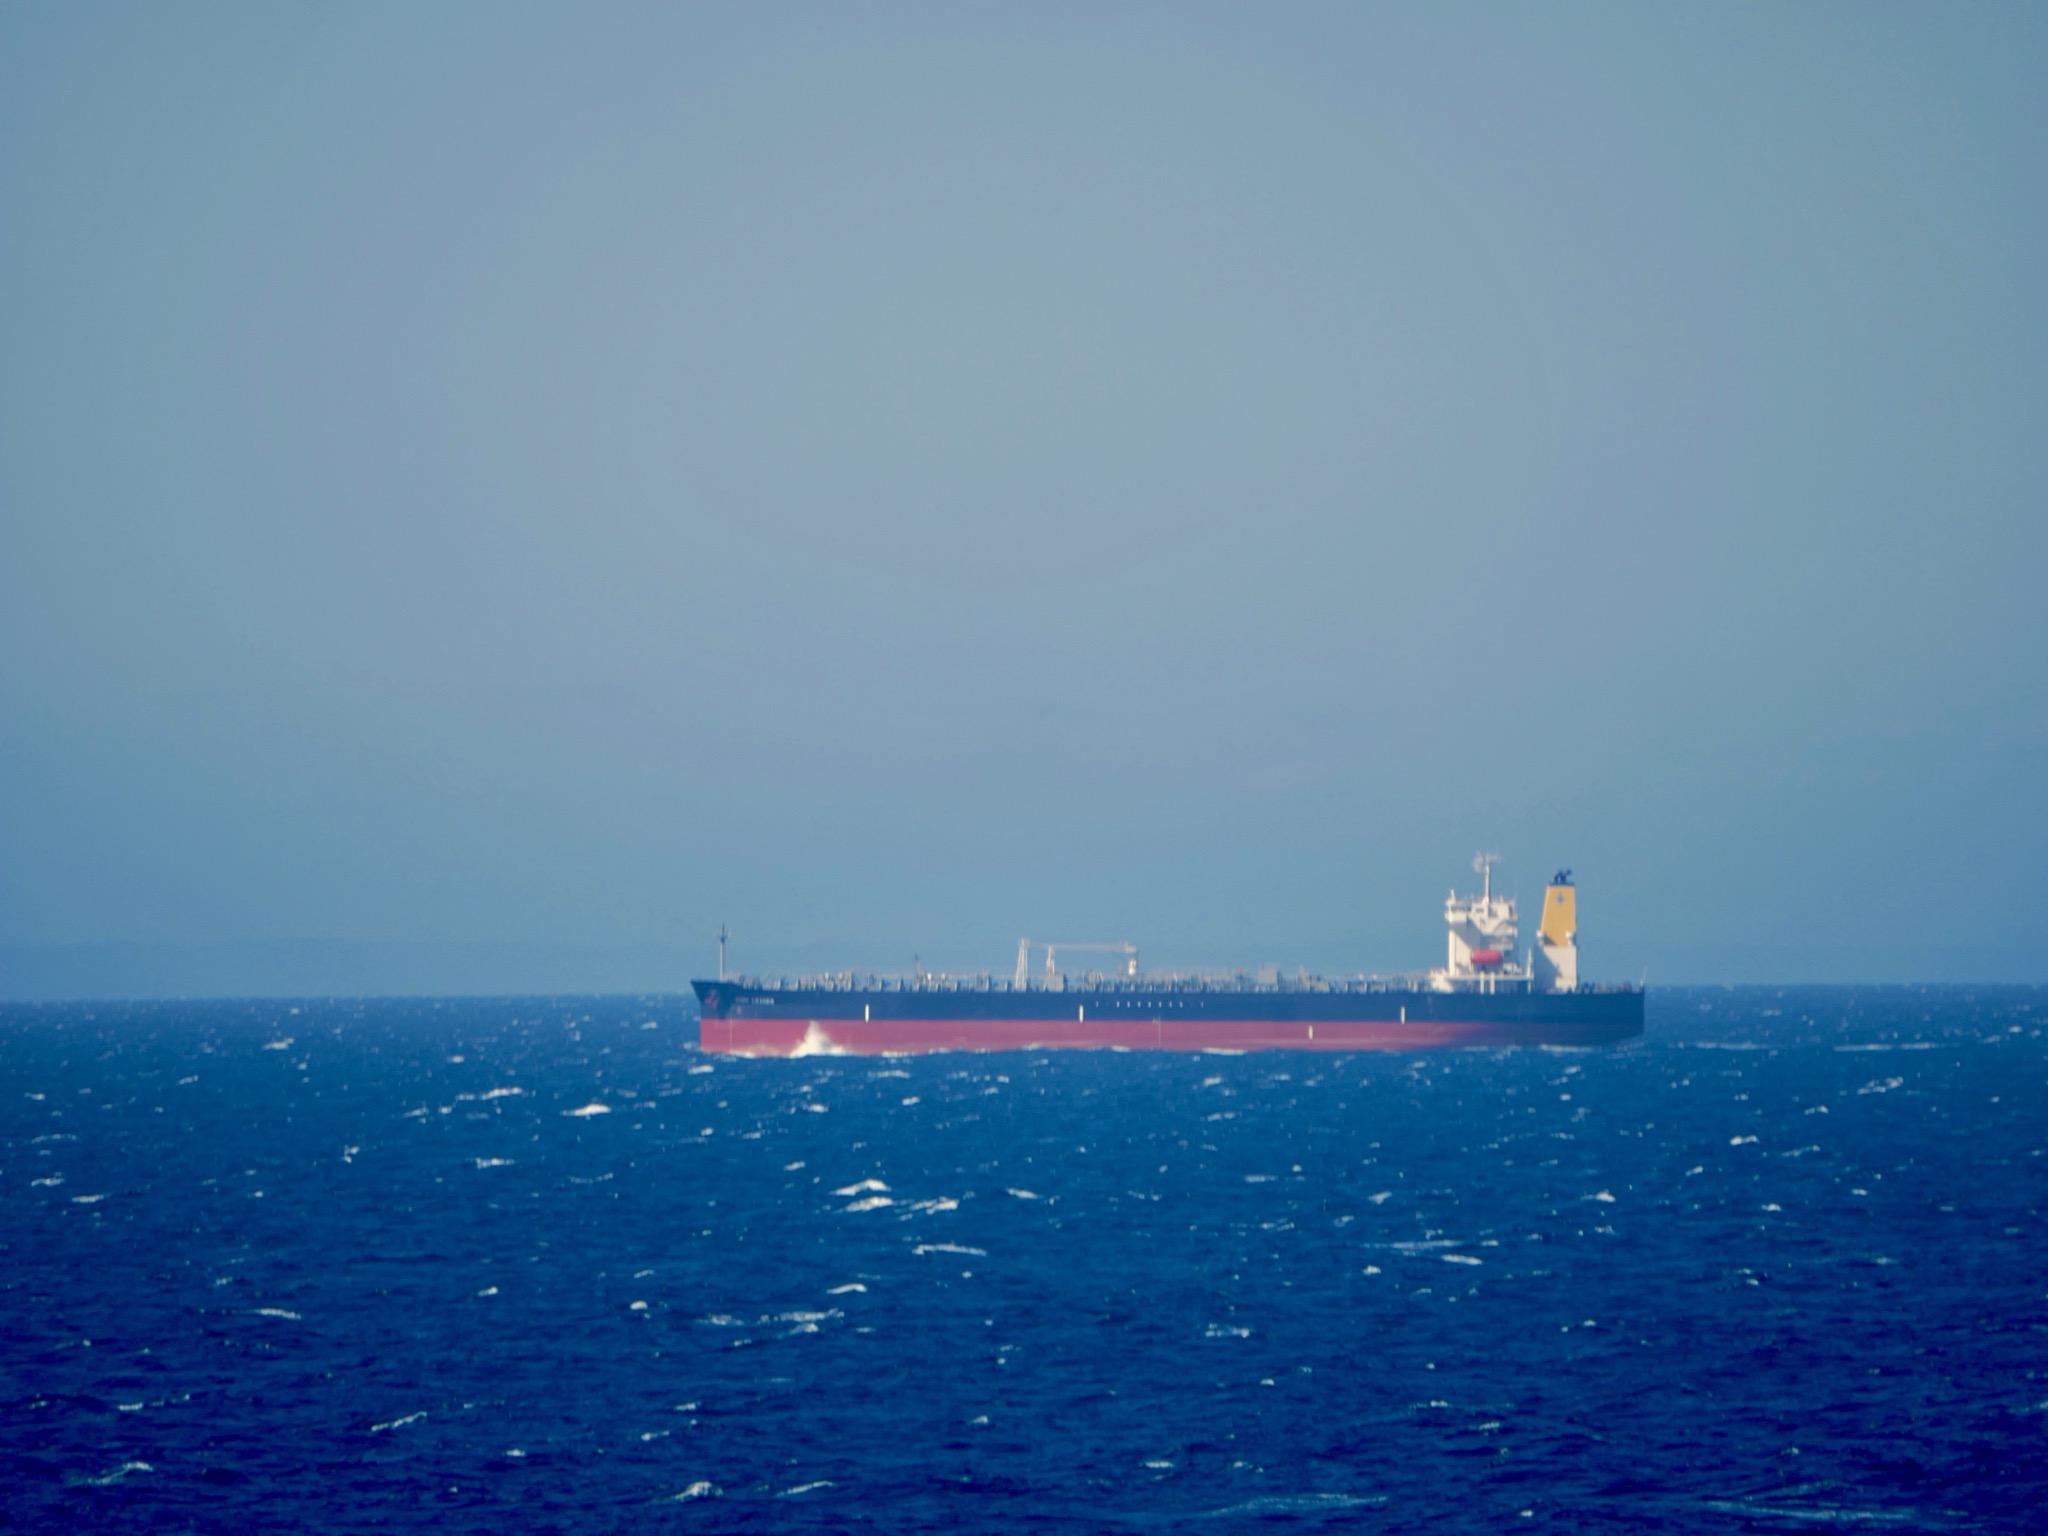 Misty ship